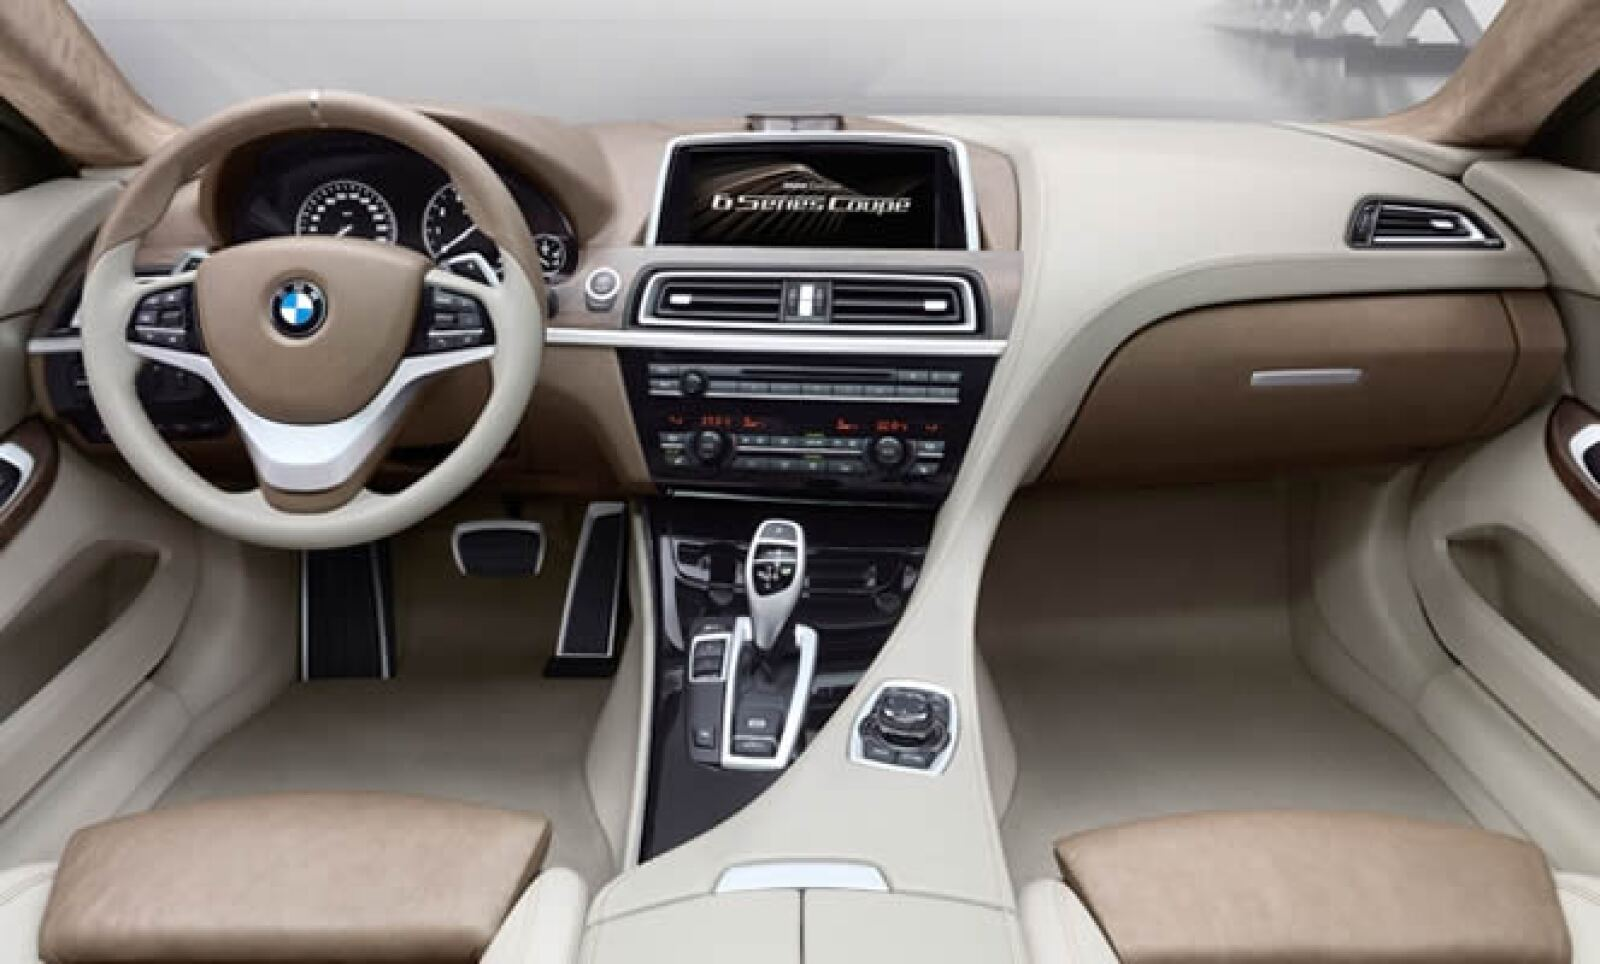 Está equipado con un pantalla desde la cual se pueden manejar GPS, calefacción y tracción del vehículo. El sonido de alta fidelidad de la empresa danesa Bang & Olufsen genera en el habitáculo una gran sensación acústica.